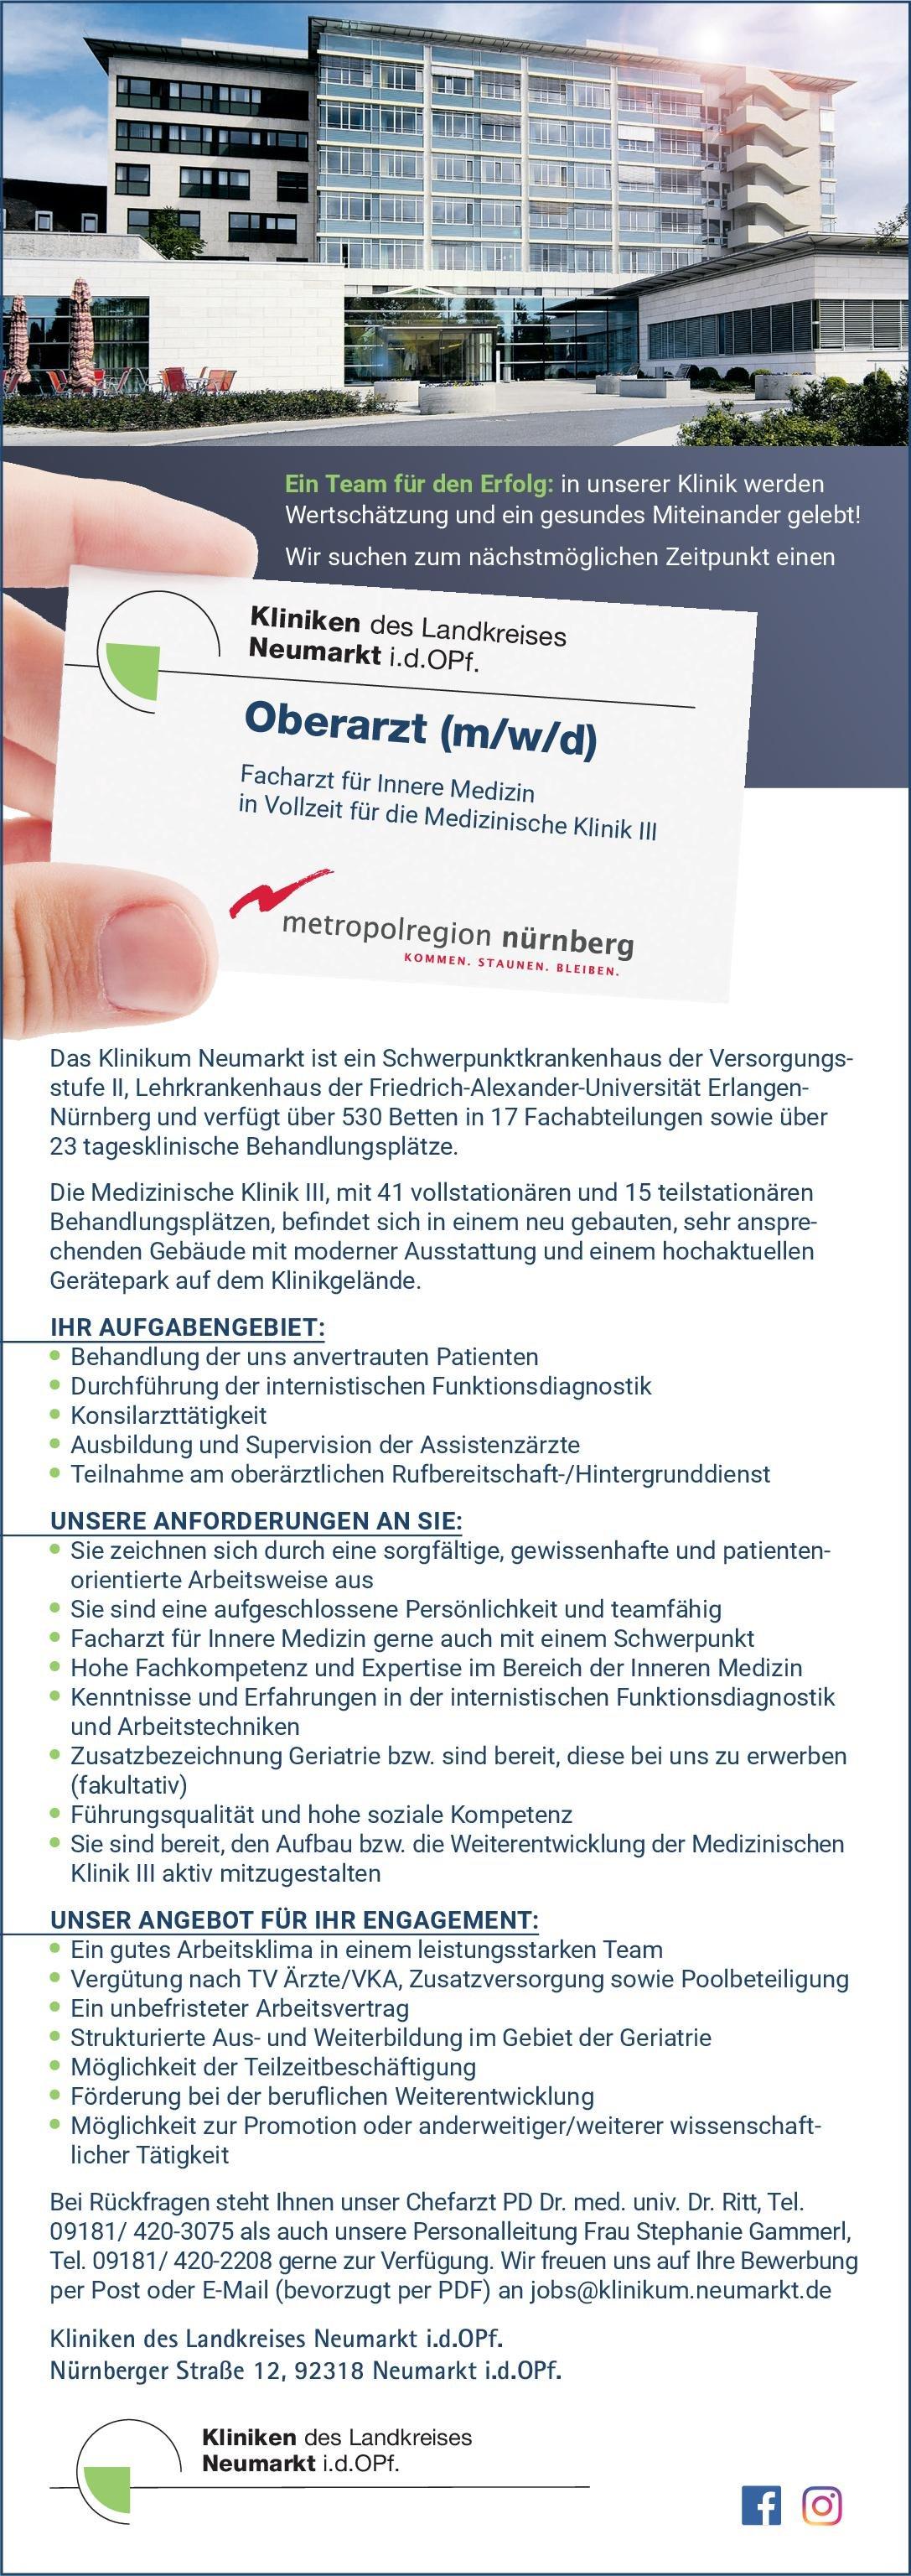 Kliniken des Landkreises Neumarkt i.d.OPf. Oberarzt (m/w/d) - Facharzt für Innere Medizin  Innere Medizin, Innere Medizin Arzt / Facharzt, Oberarzt